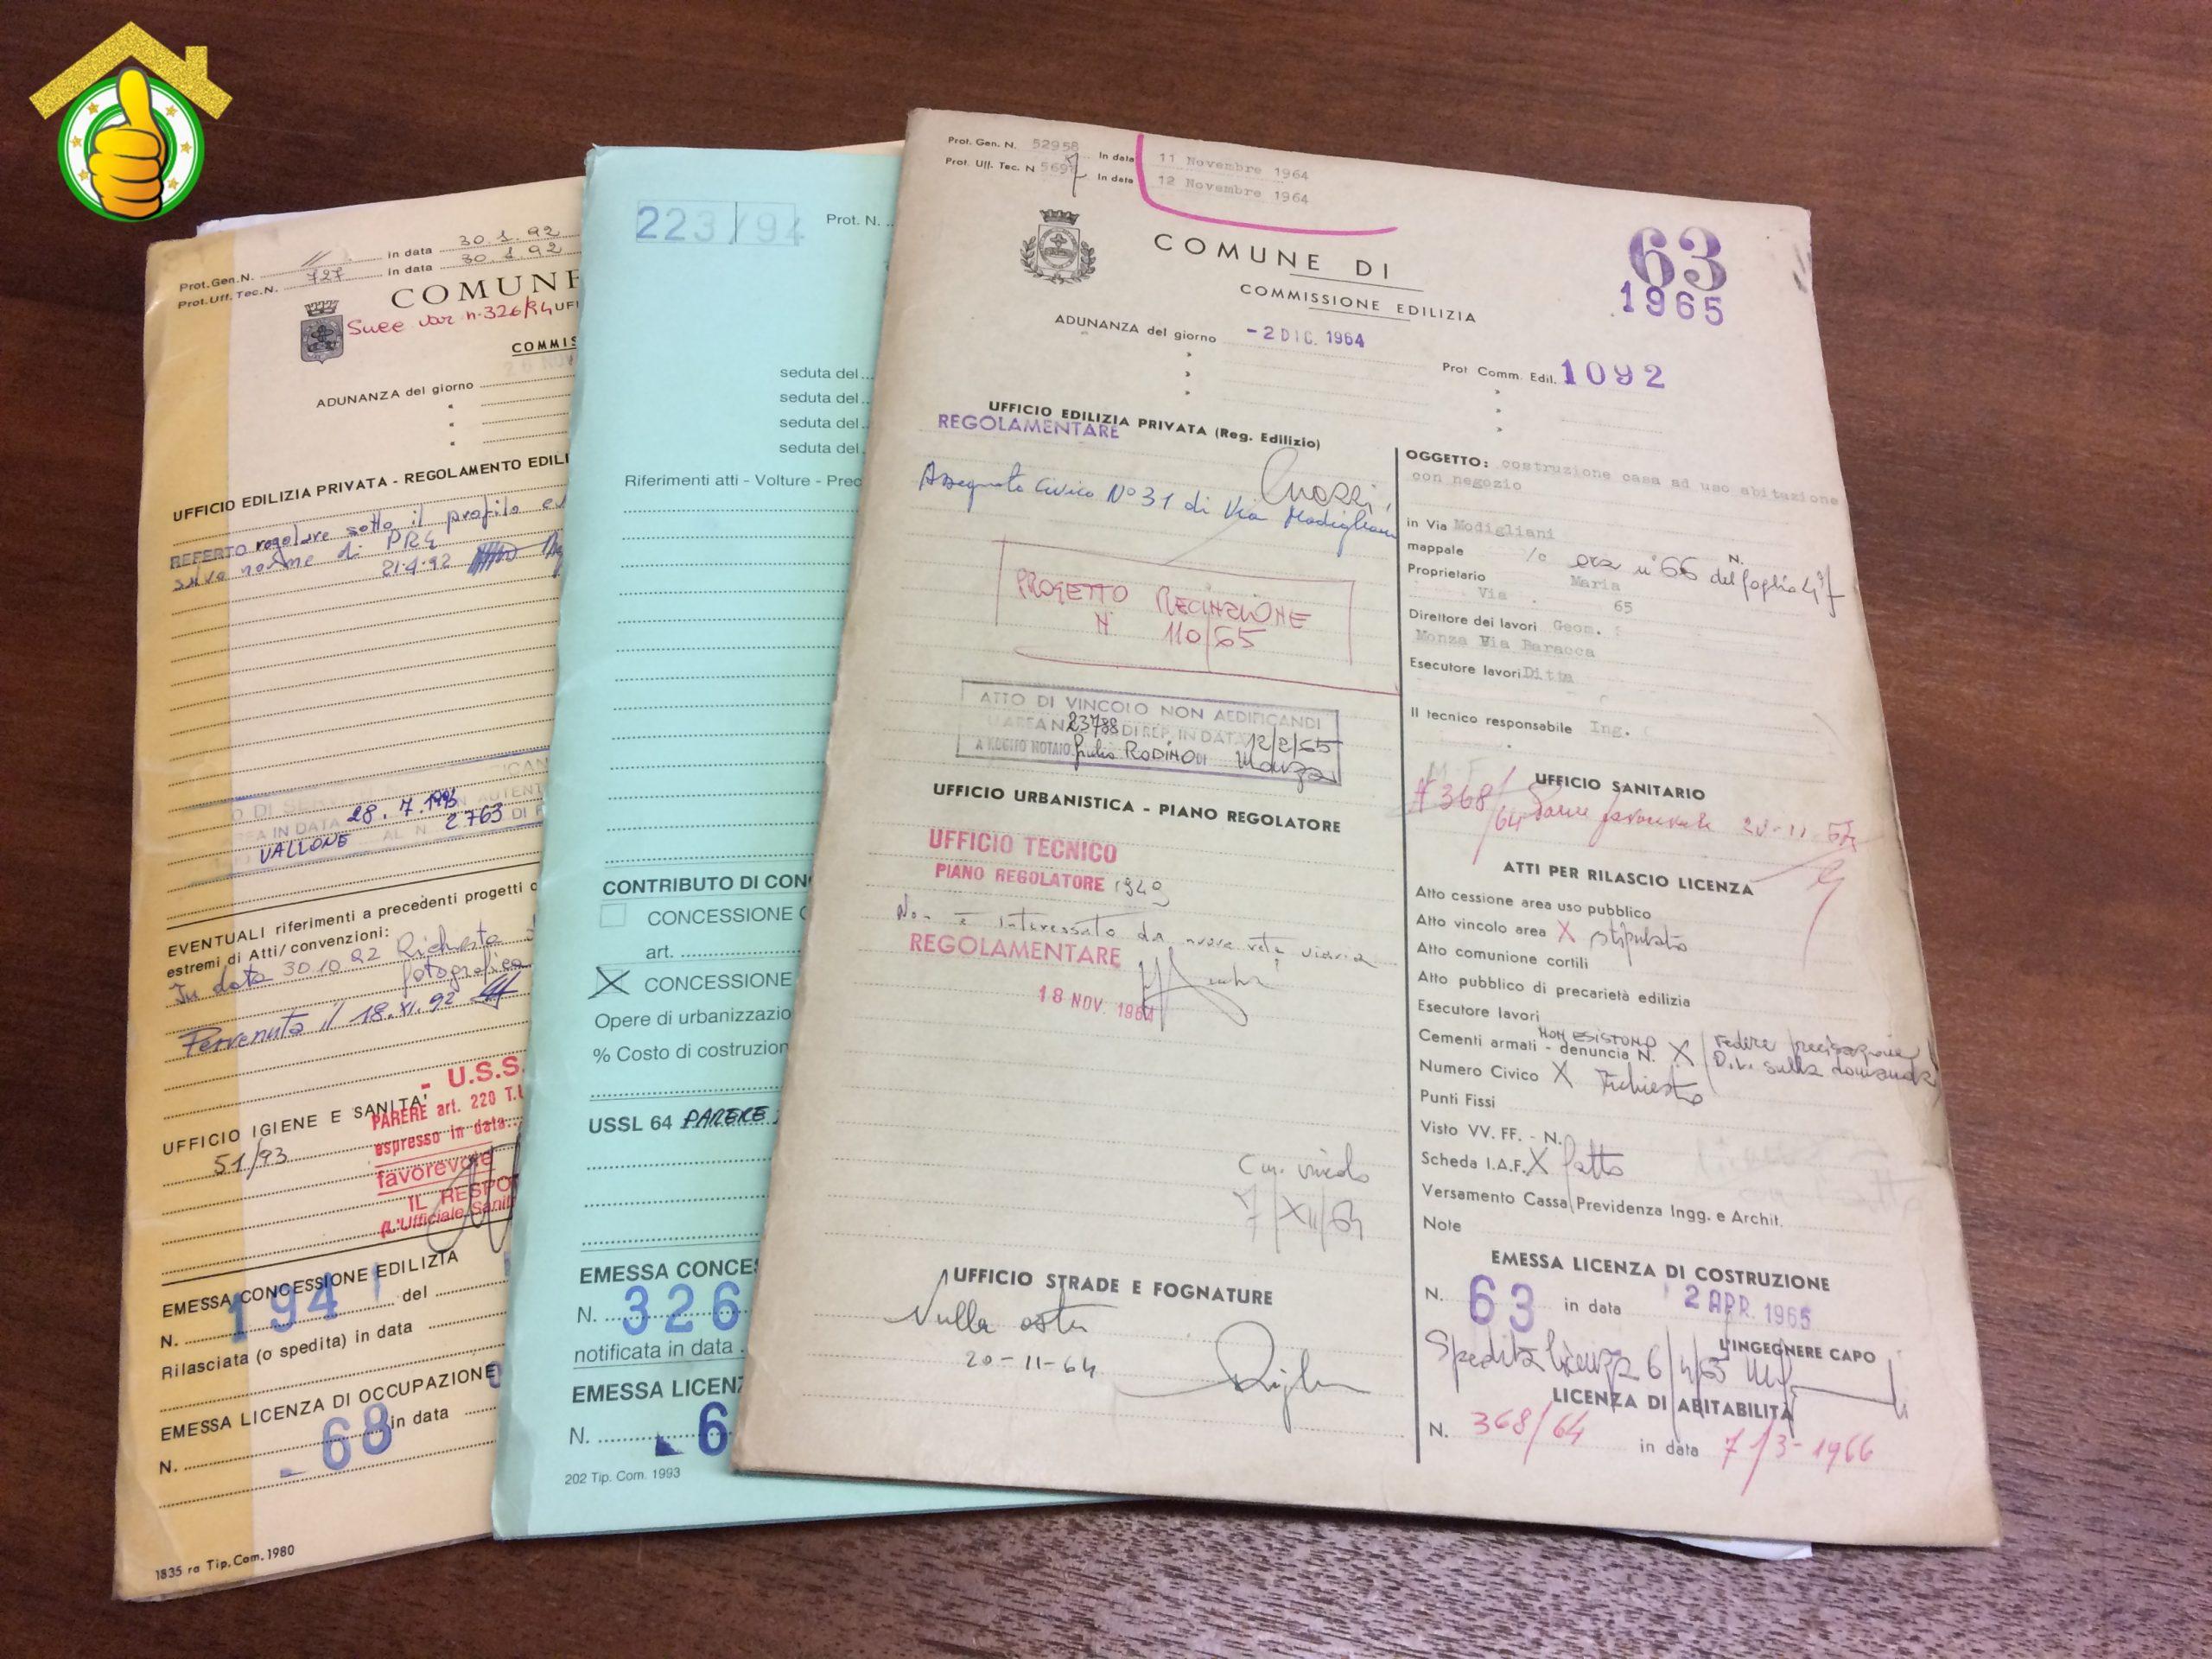 accesso agli atti. esempi di documenti